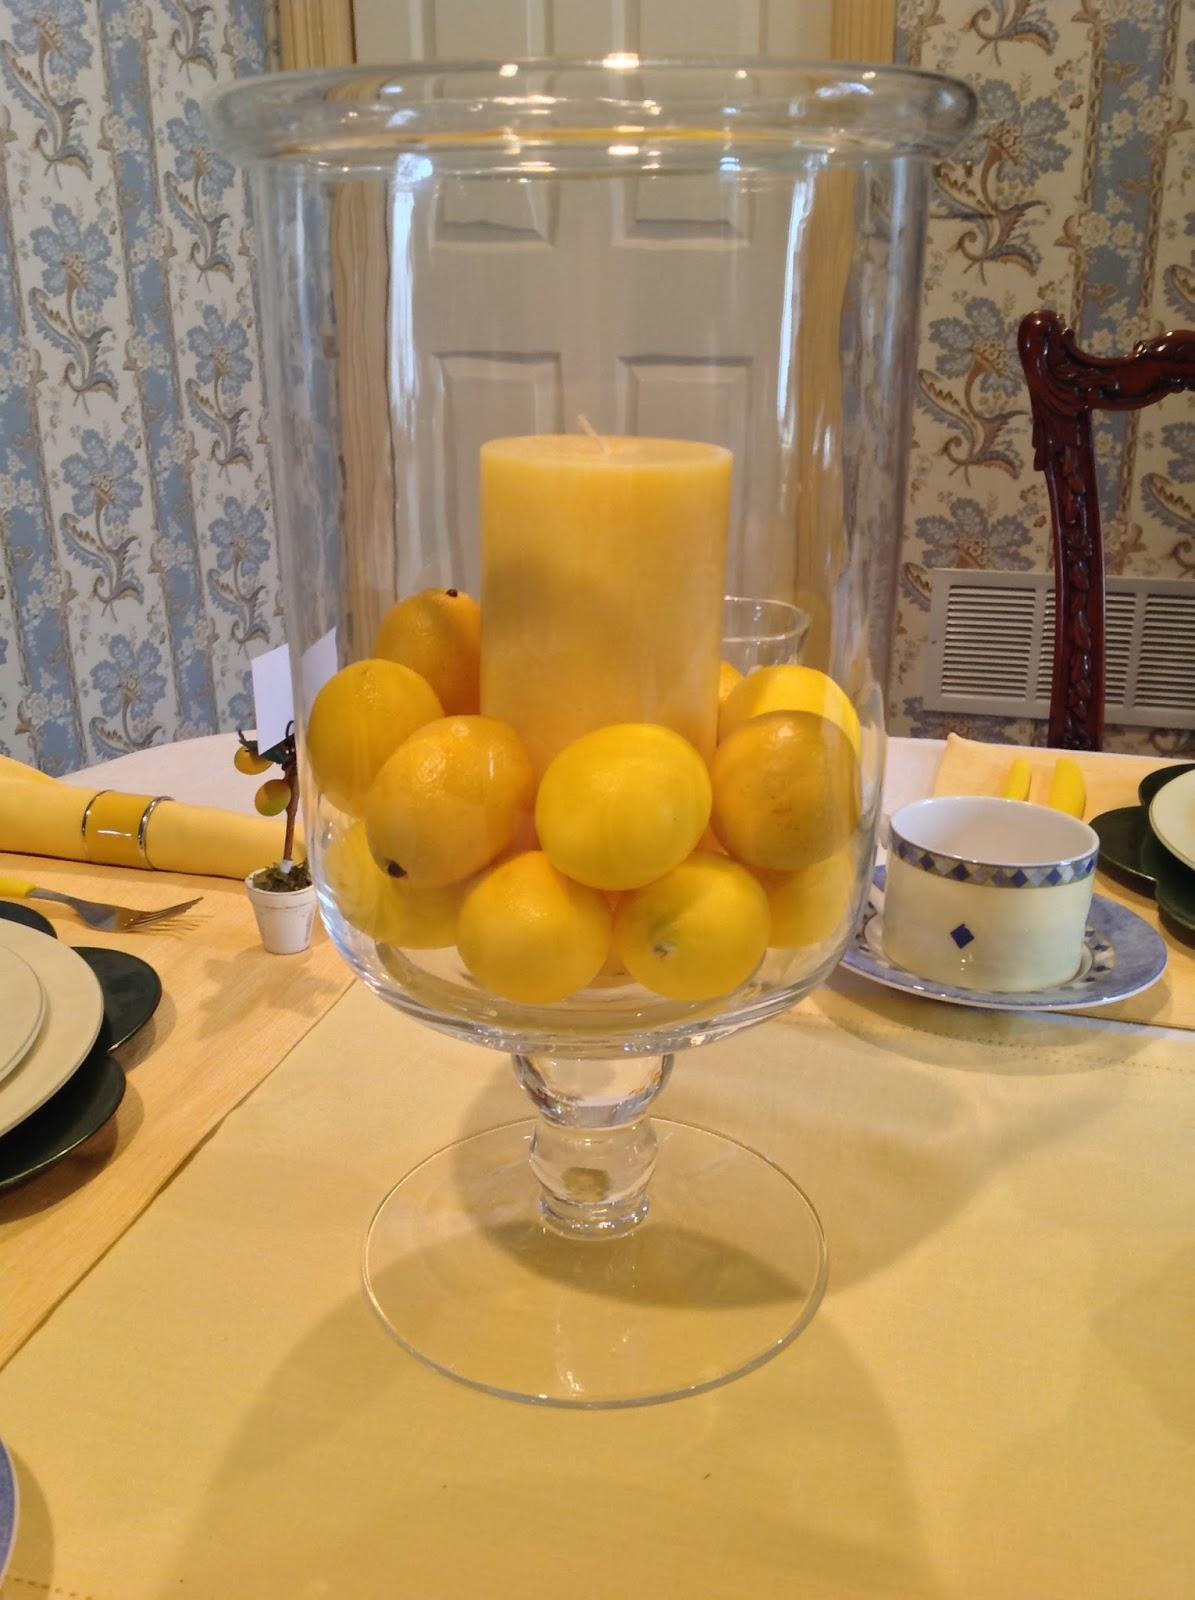 Tea In Texas Lemon Zest